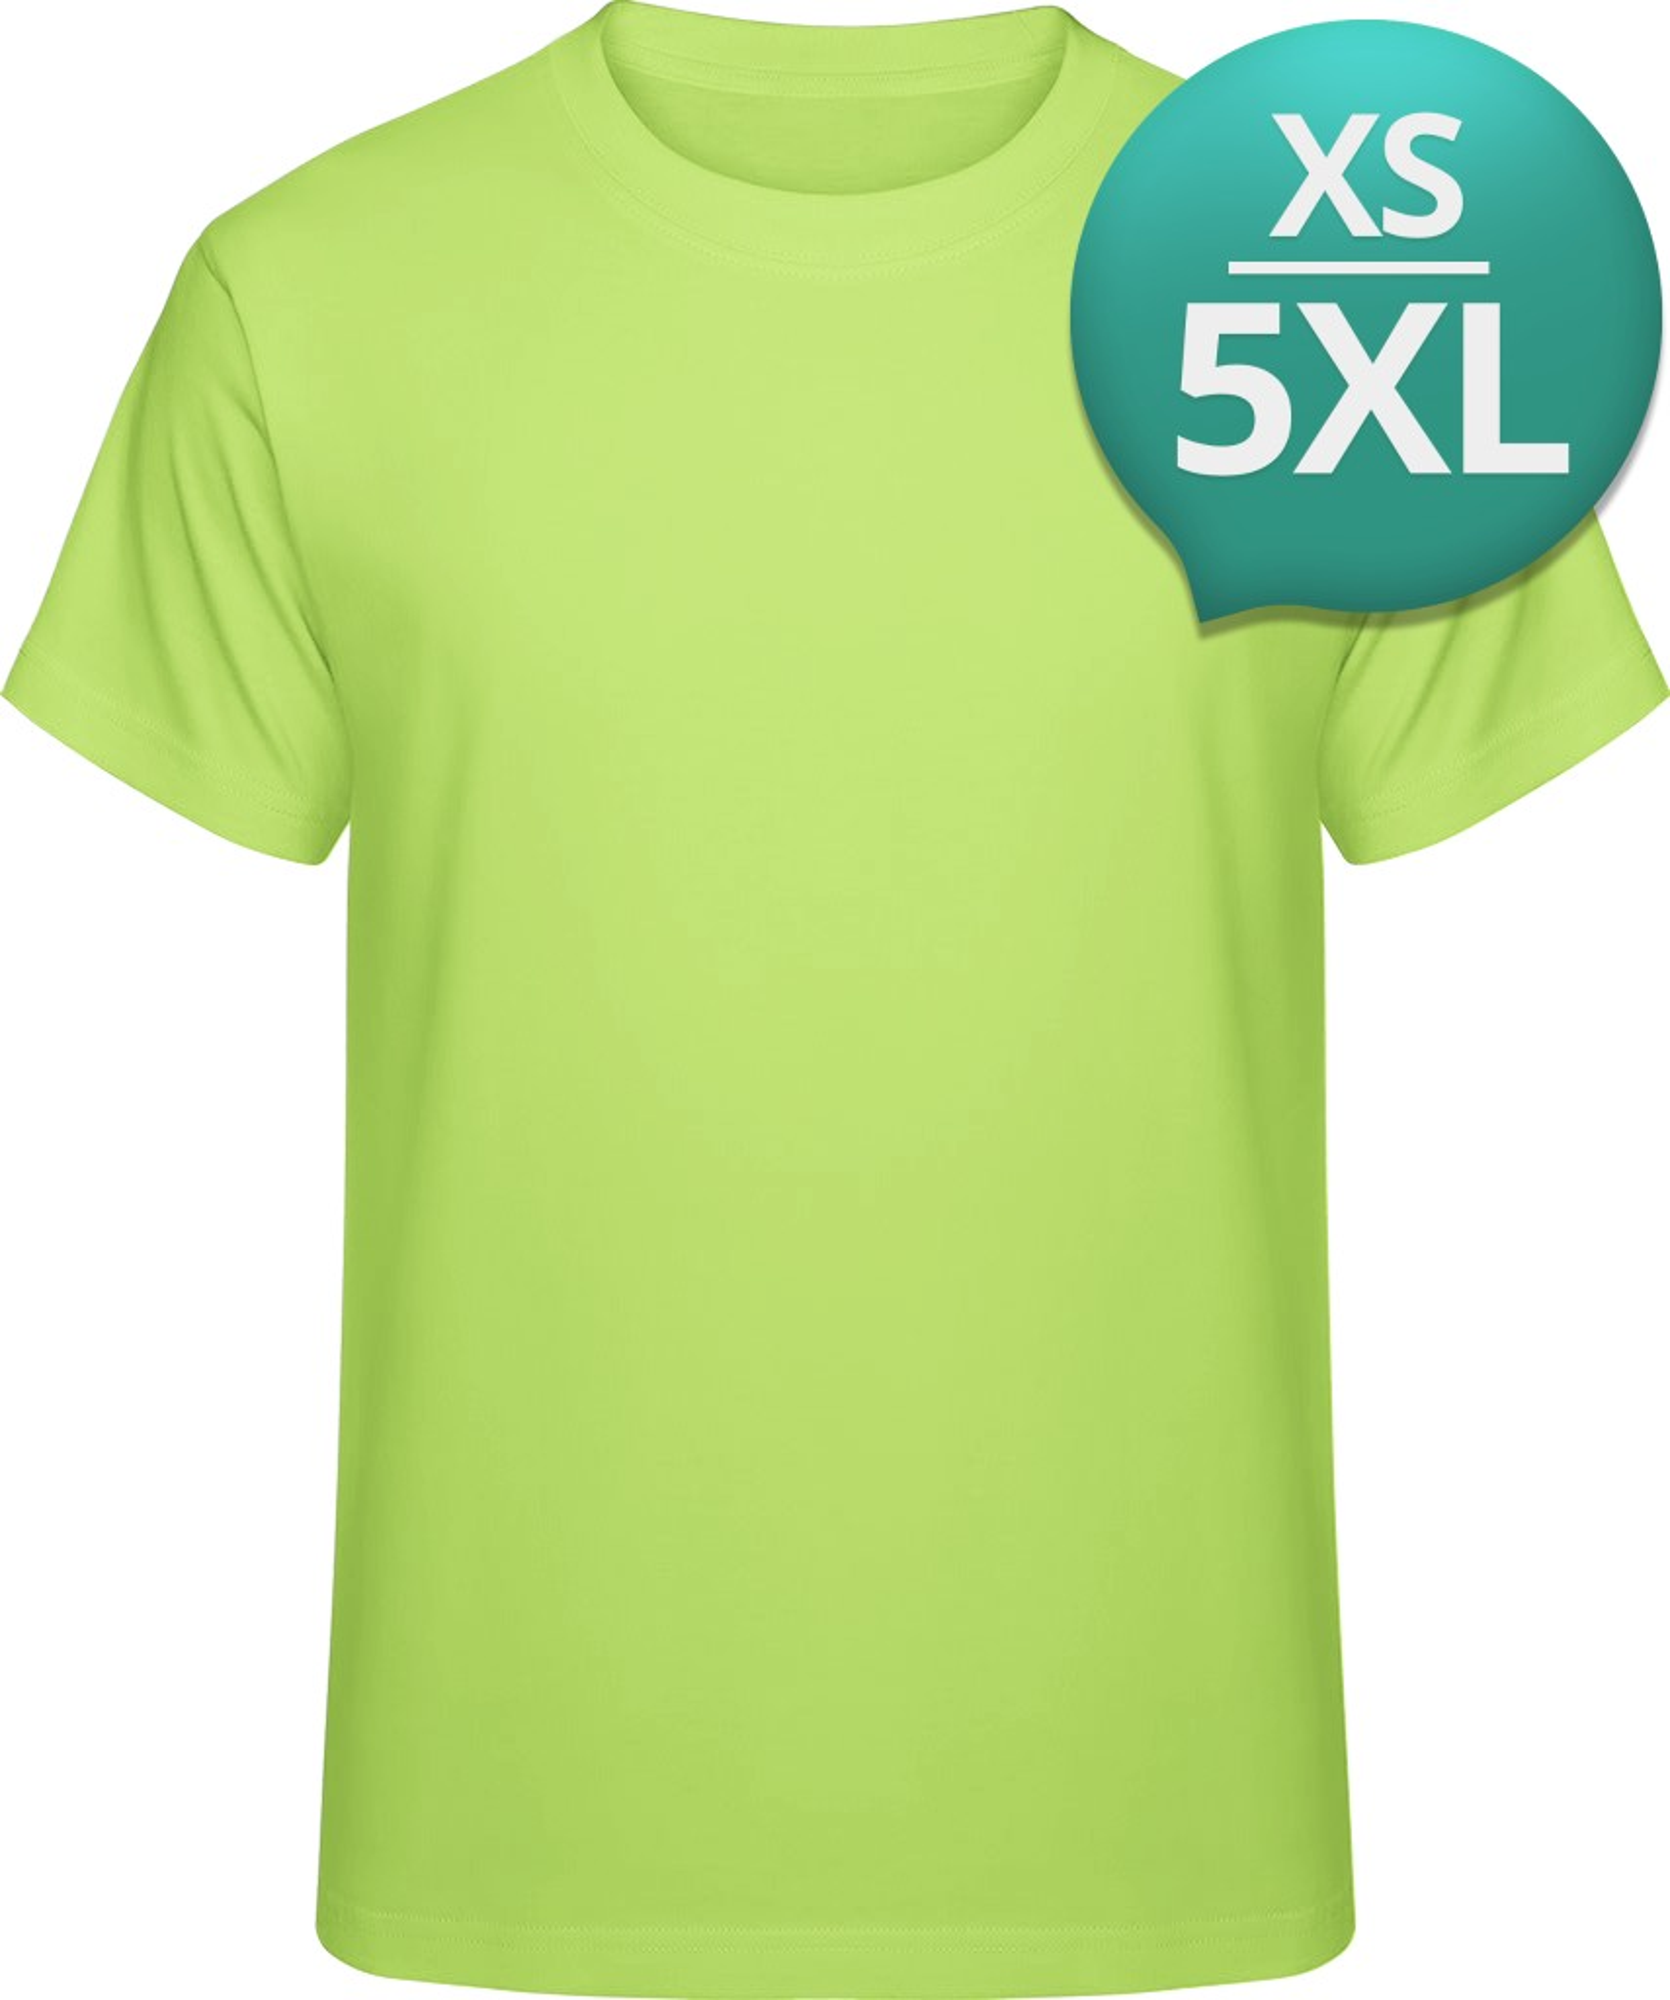 Promodoro Premium-T bis 5XL I shirttuning.de 16732e7c75